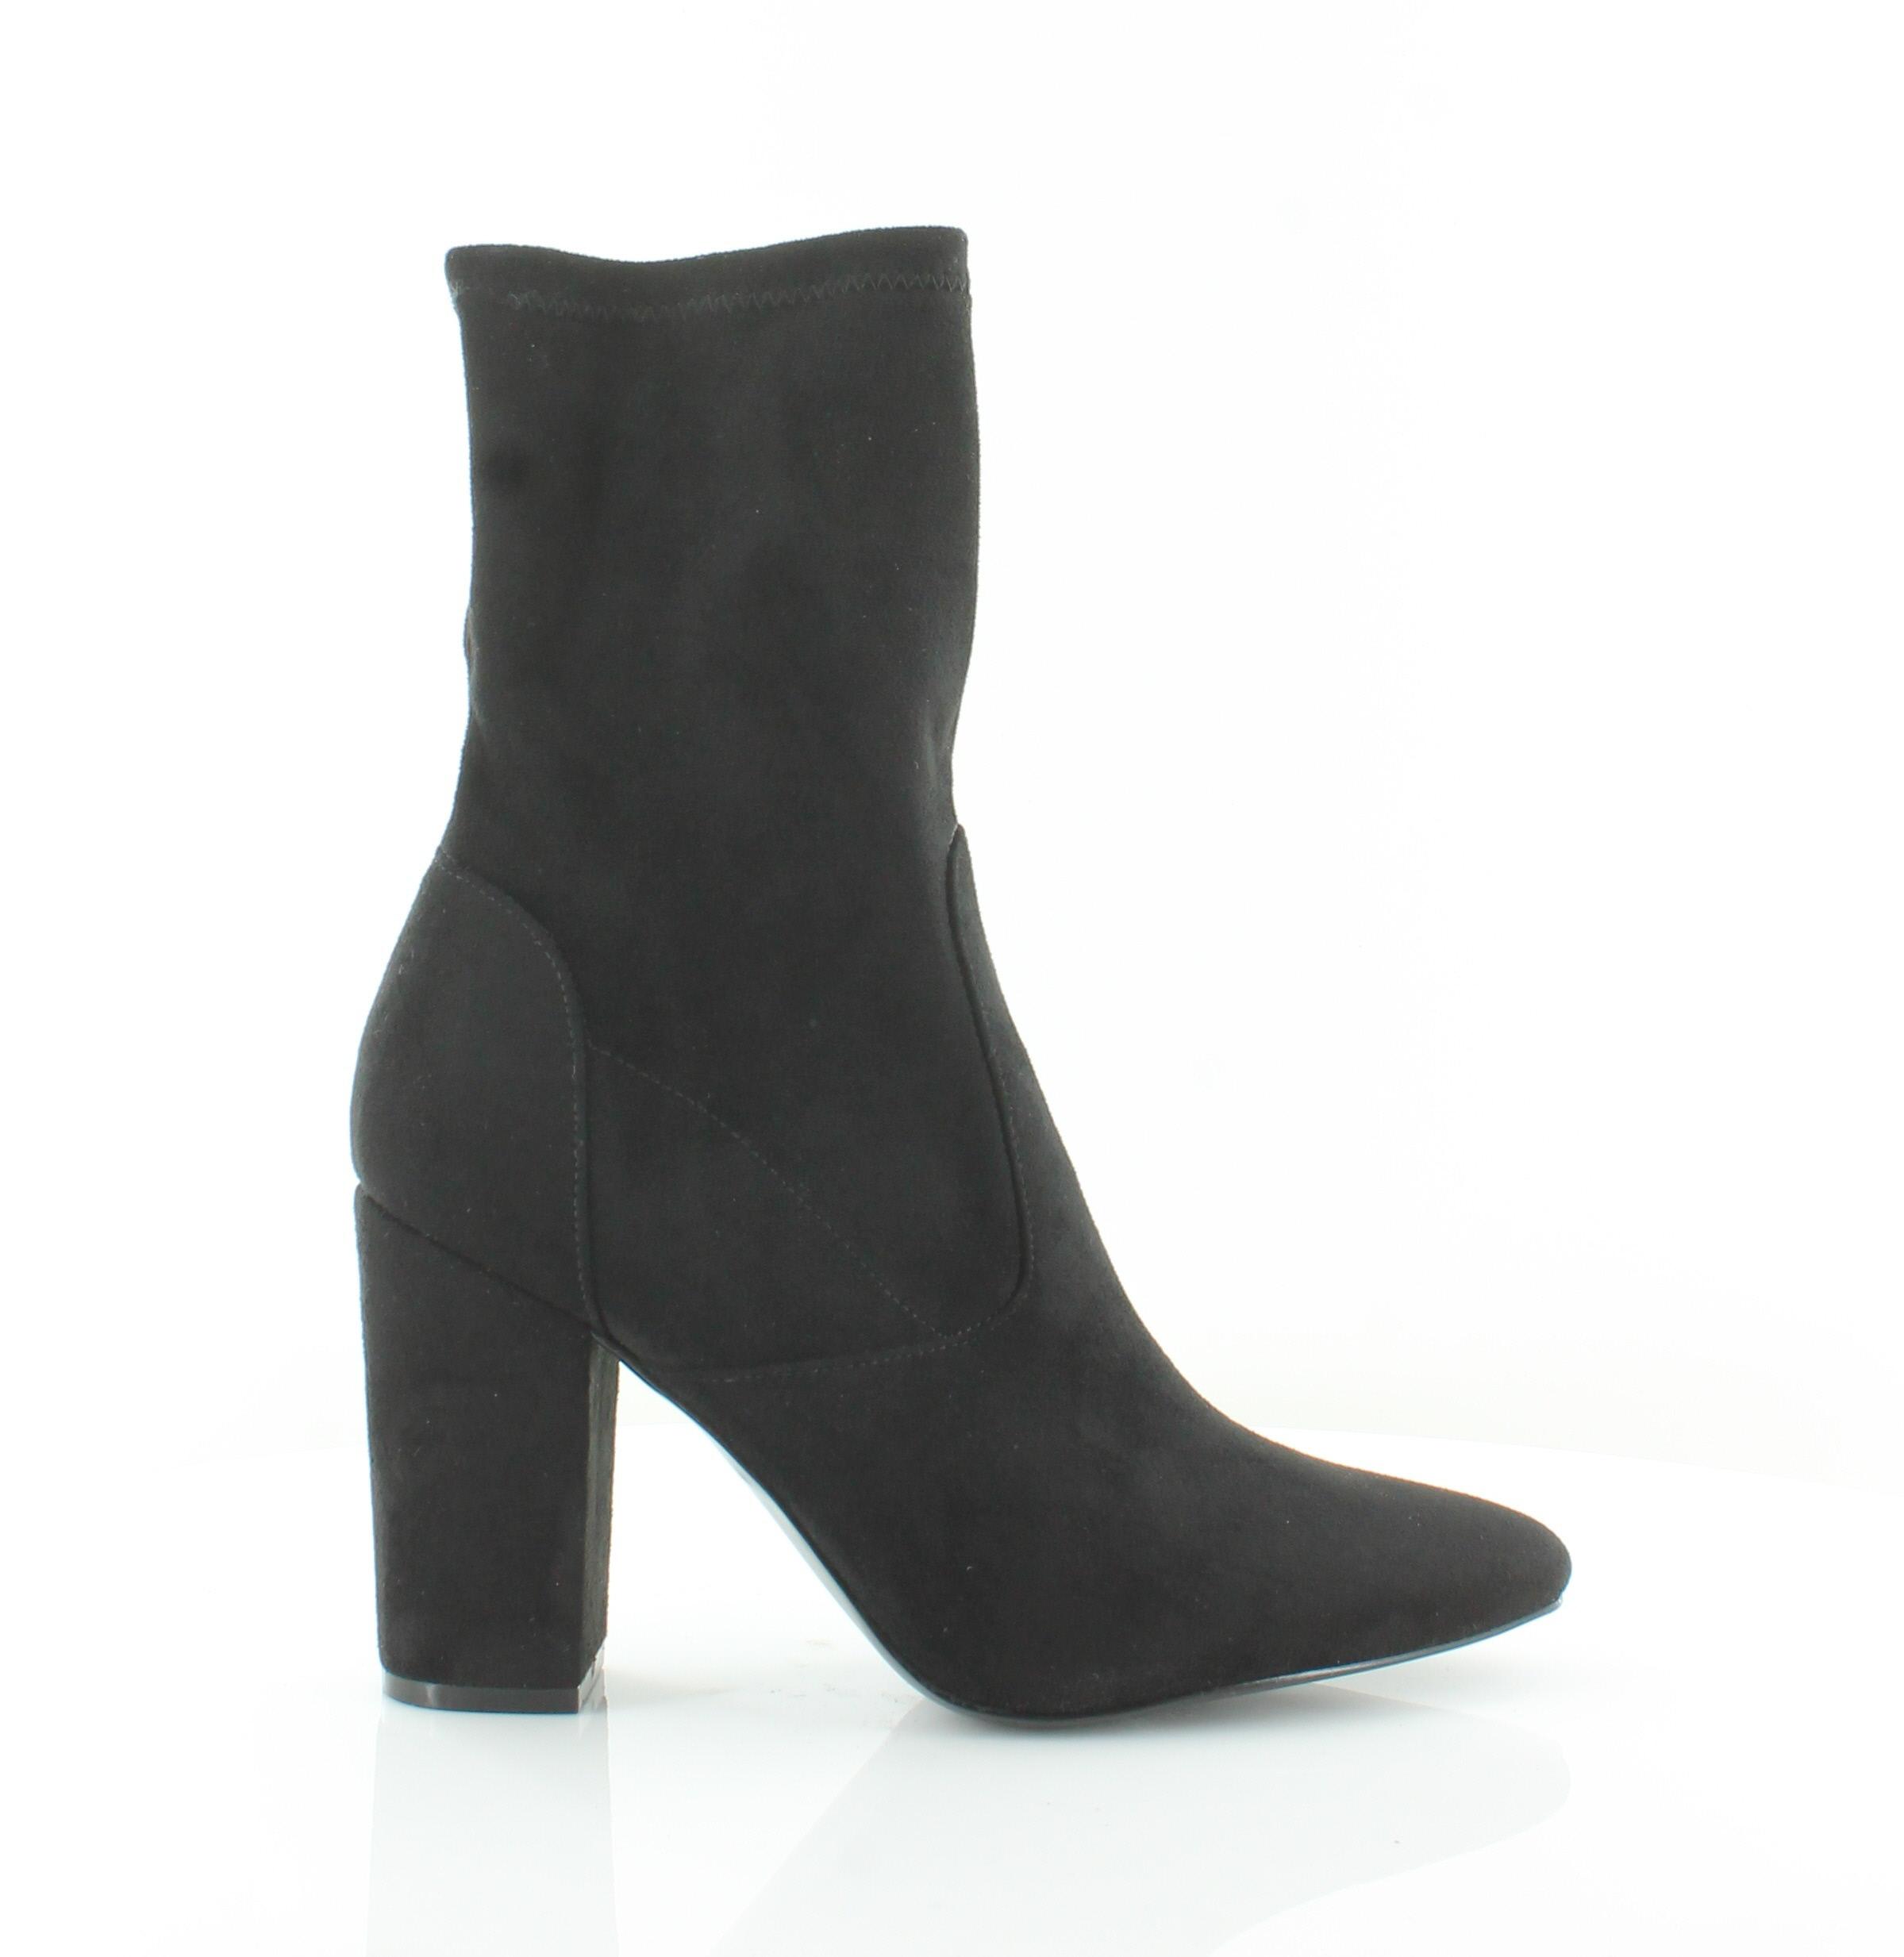 TOMS Lunata Lace-Up Women's Boots Wheat Size 10 M